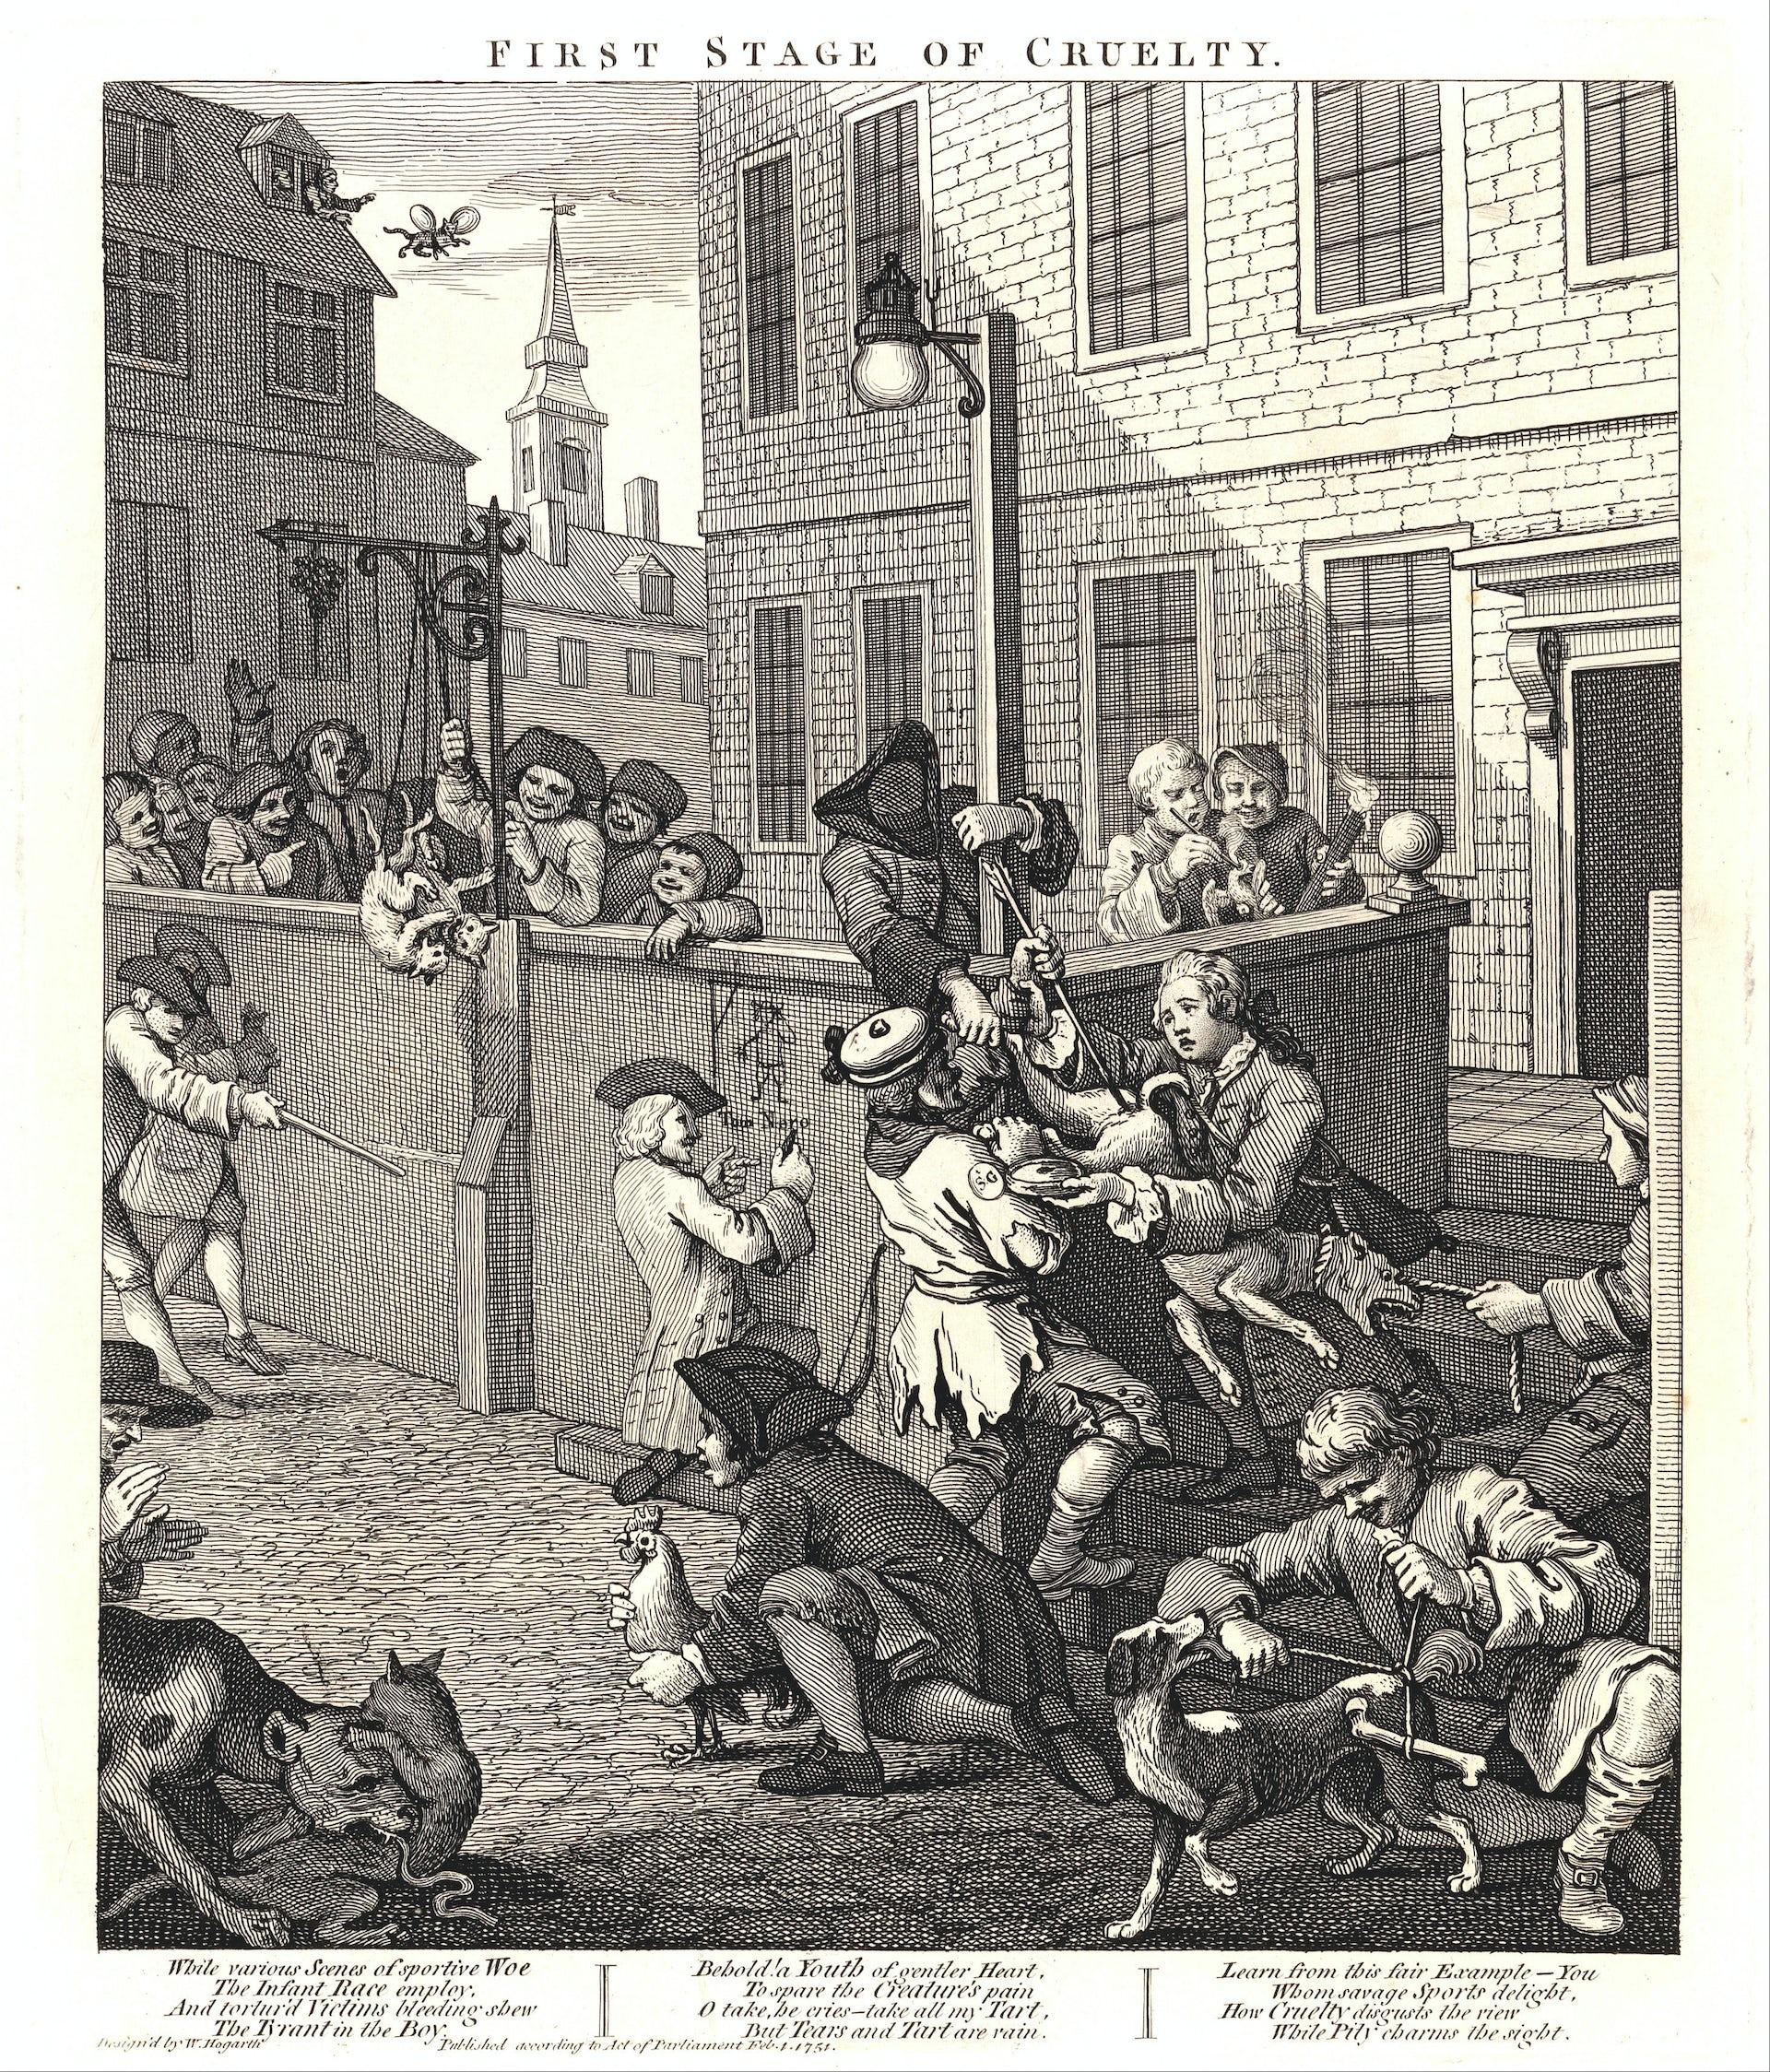 Dans la première gravure, on aperçoit le jeune Tom Nero participant à la torture d'un chien. William Hogart